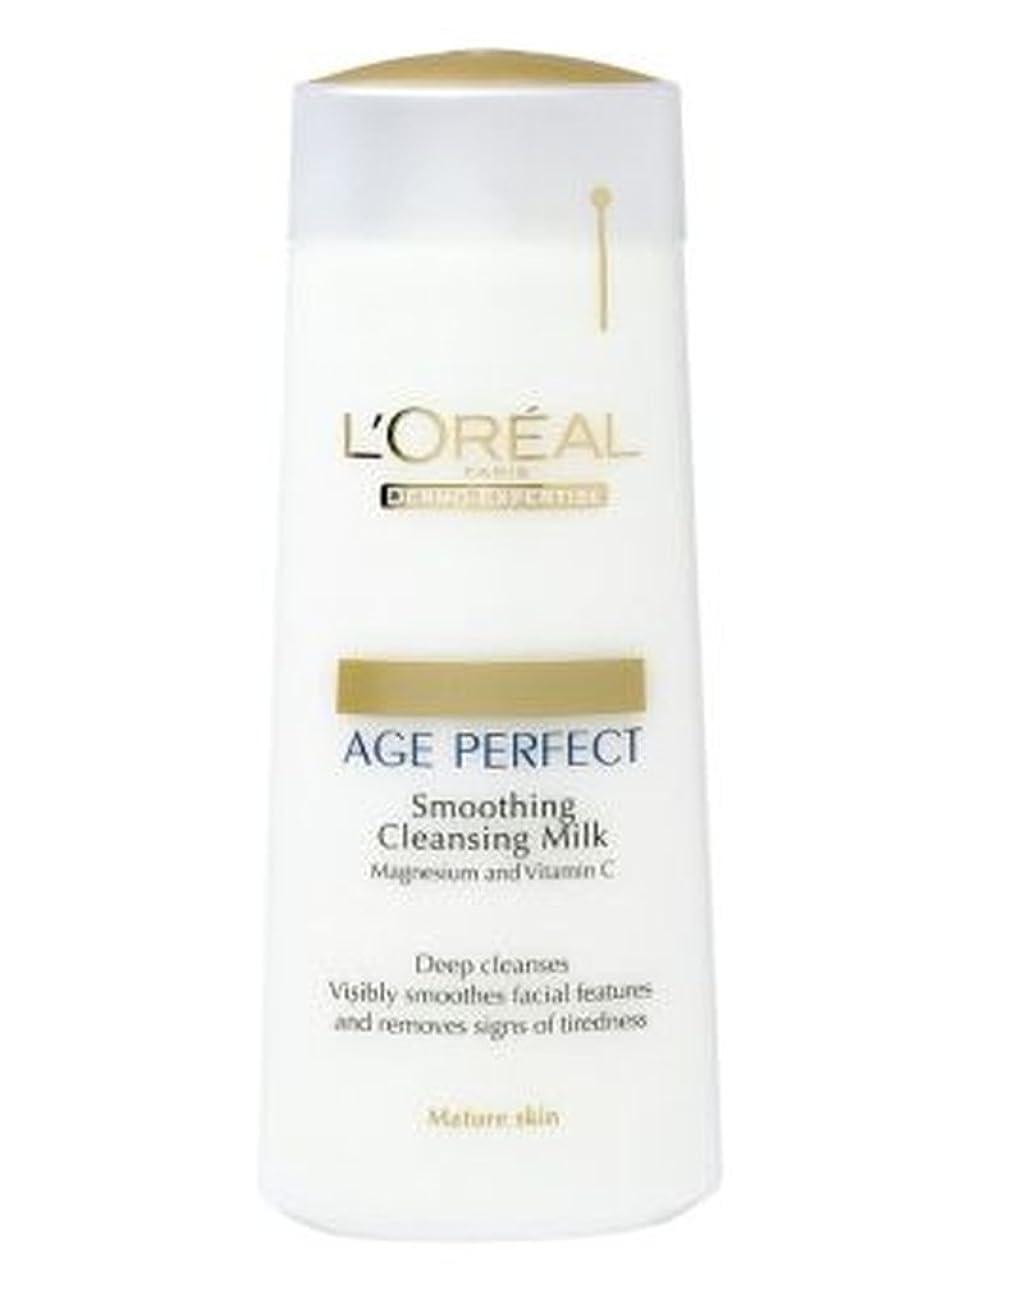 ブルジョン計算する悪化させるL'Oreall真皮専門知識の年齢、完璧なスムージングクレンジングミルク200ミリリットル (L'Oreal) (x2) - L'Oreall Dermo-Expertise Age Perfect Smoothing Cleansing Milk 200ml (Pack of 2) [並行輸入品]